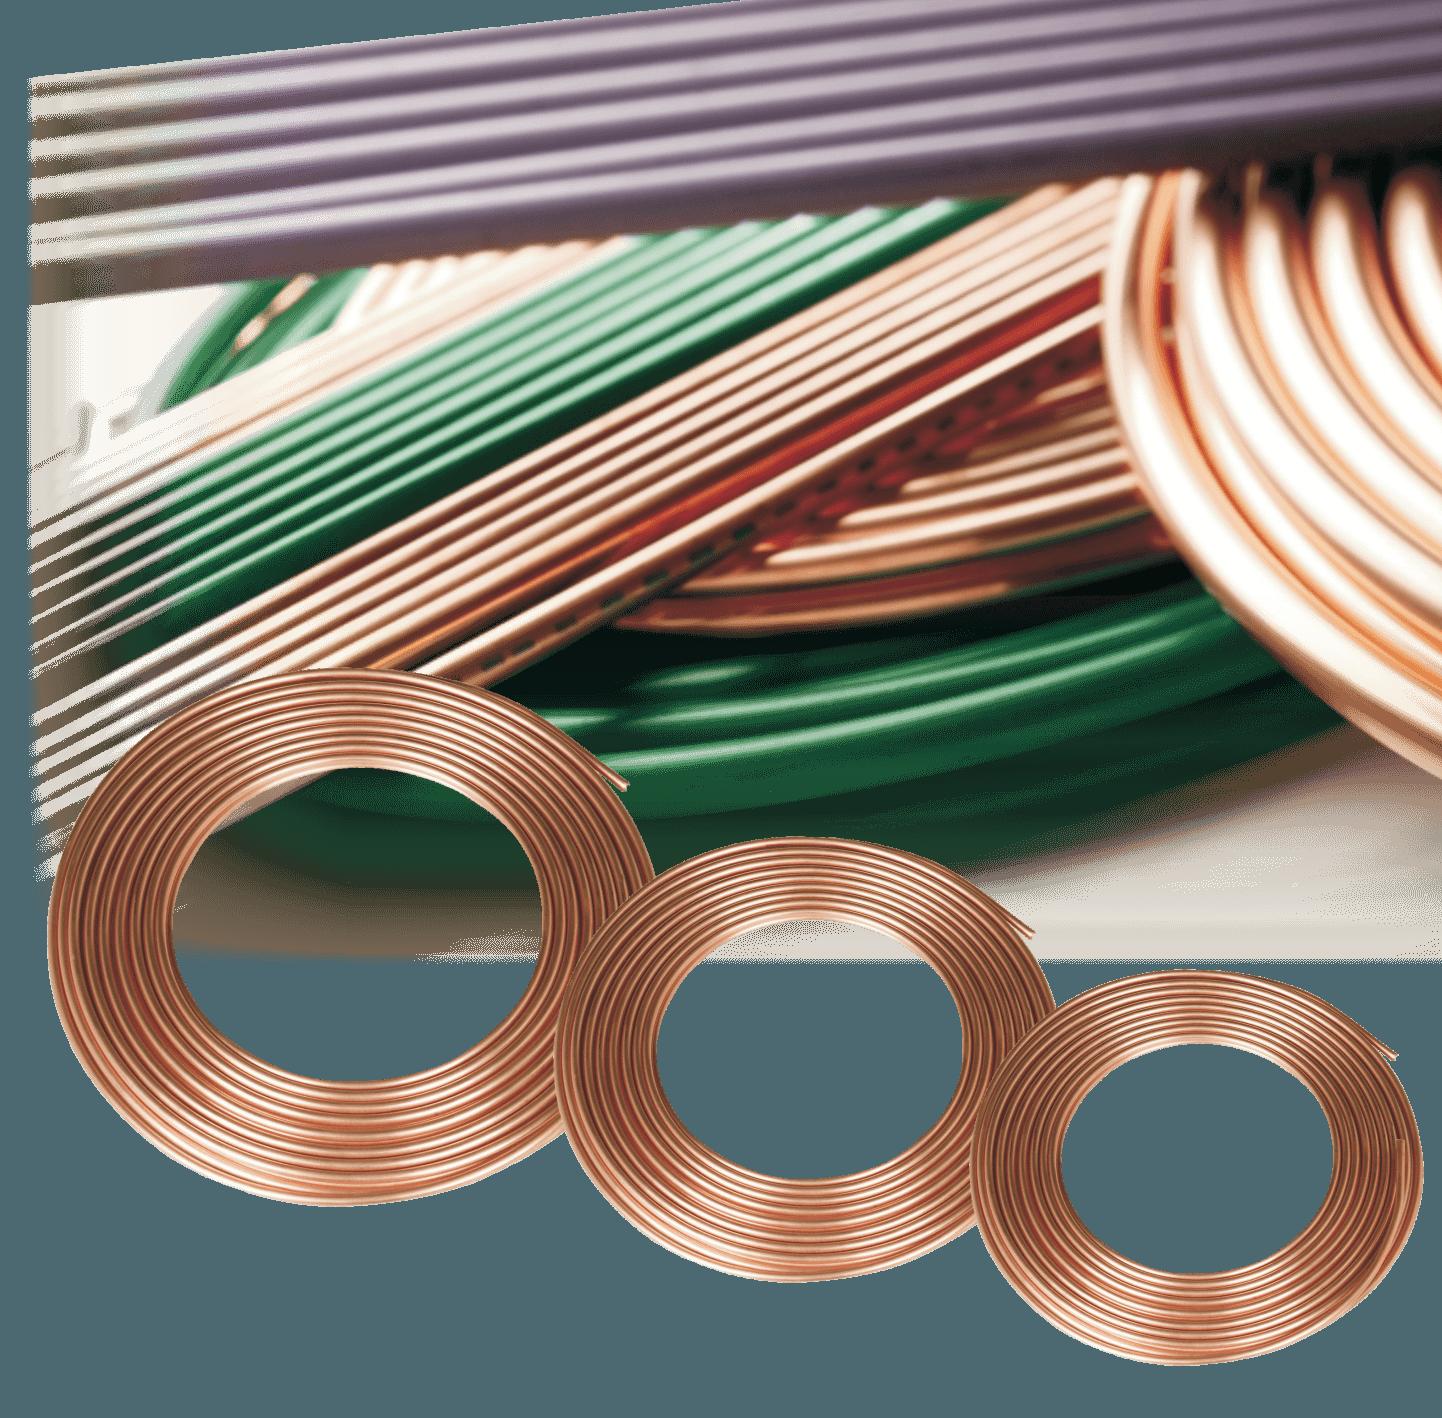 3. Pipa Tembaga Kembla Copper